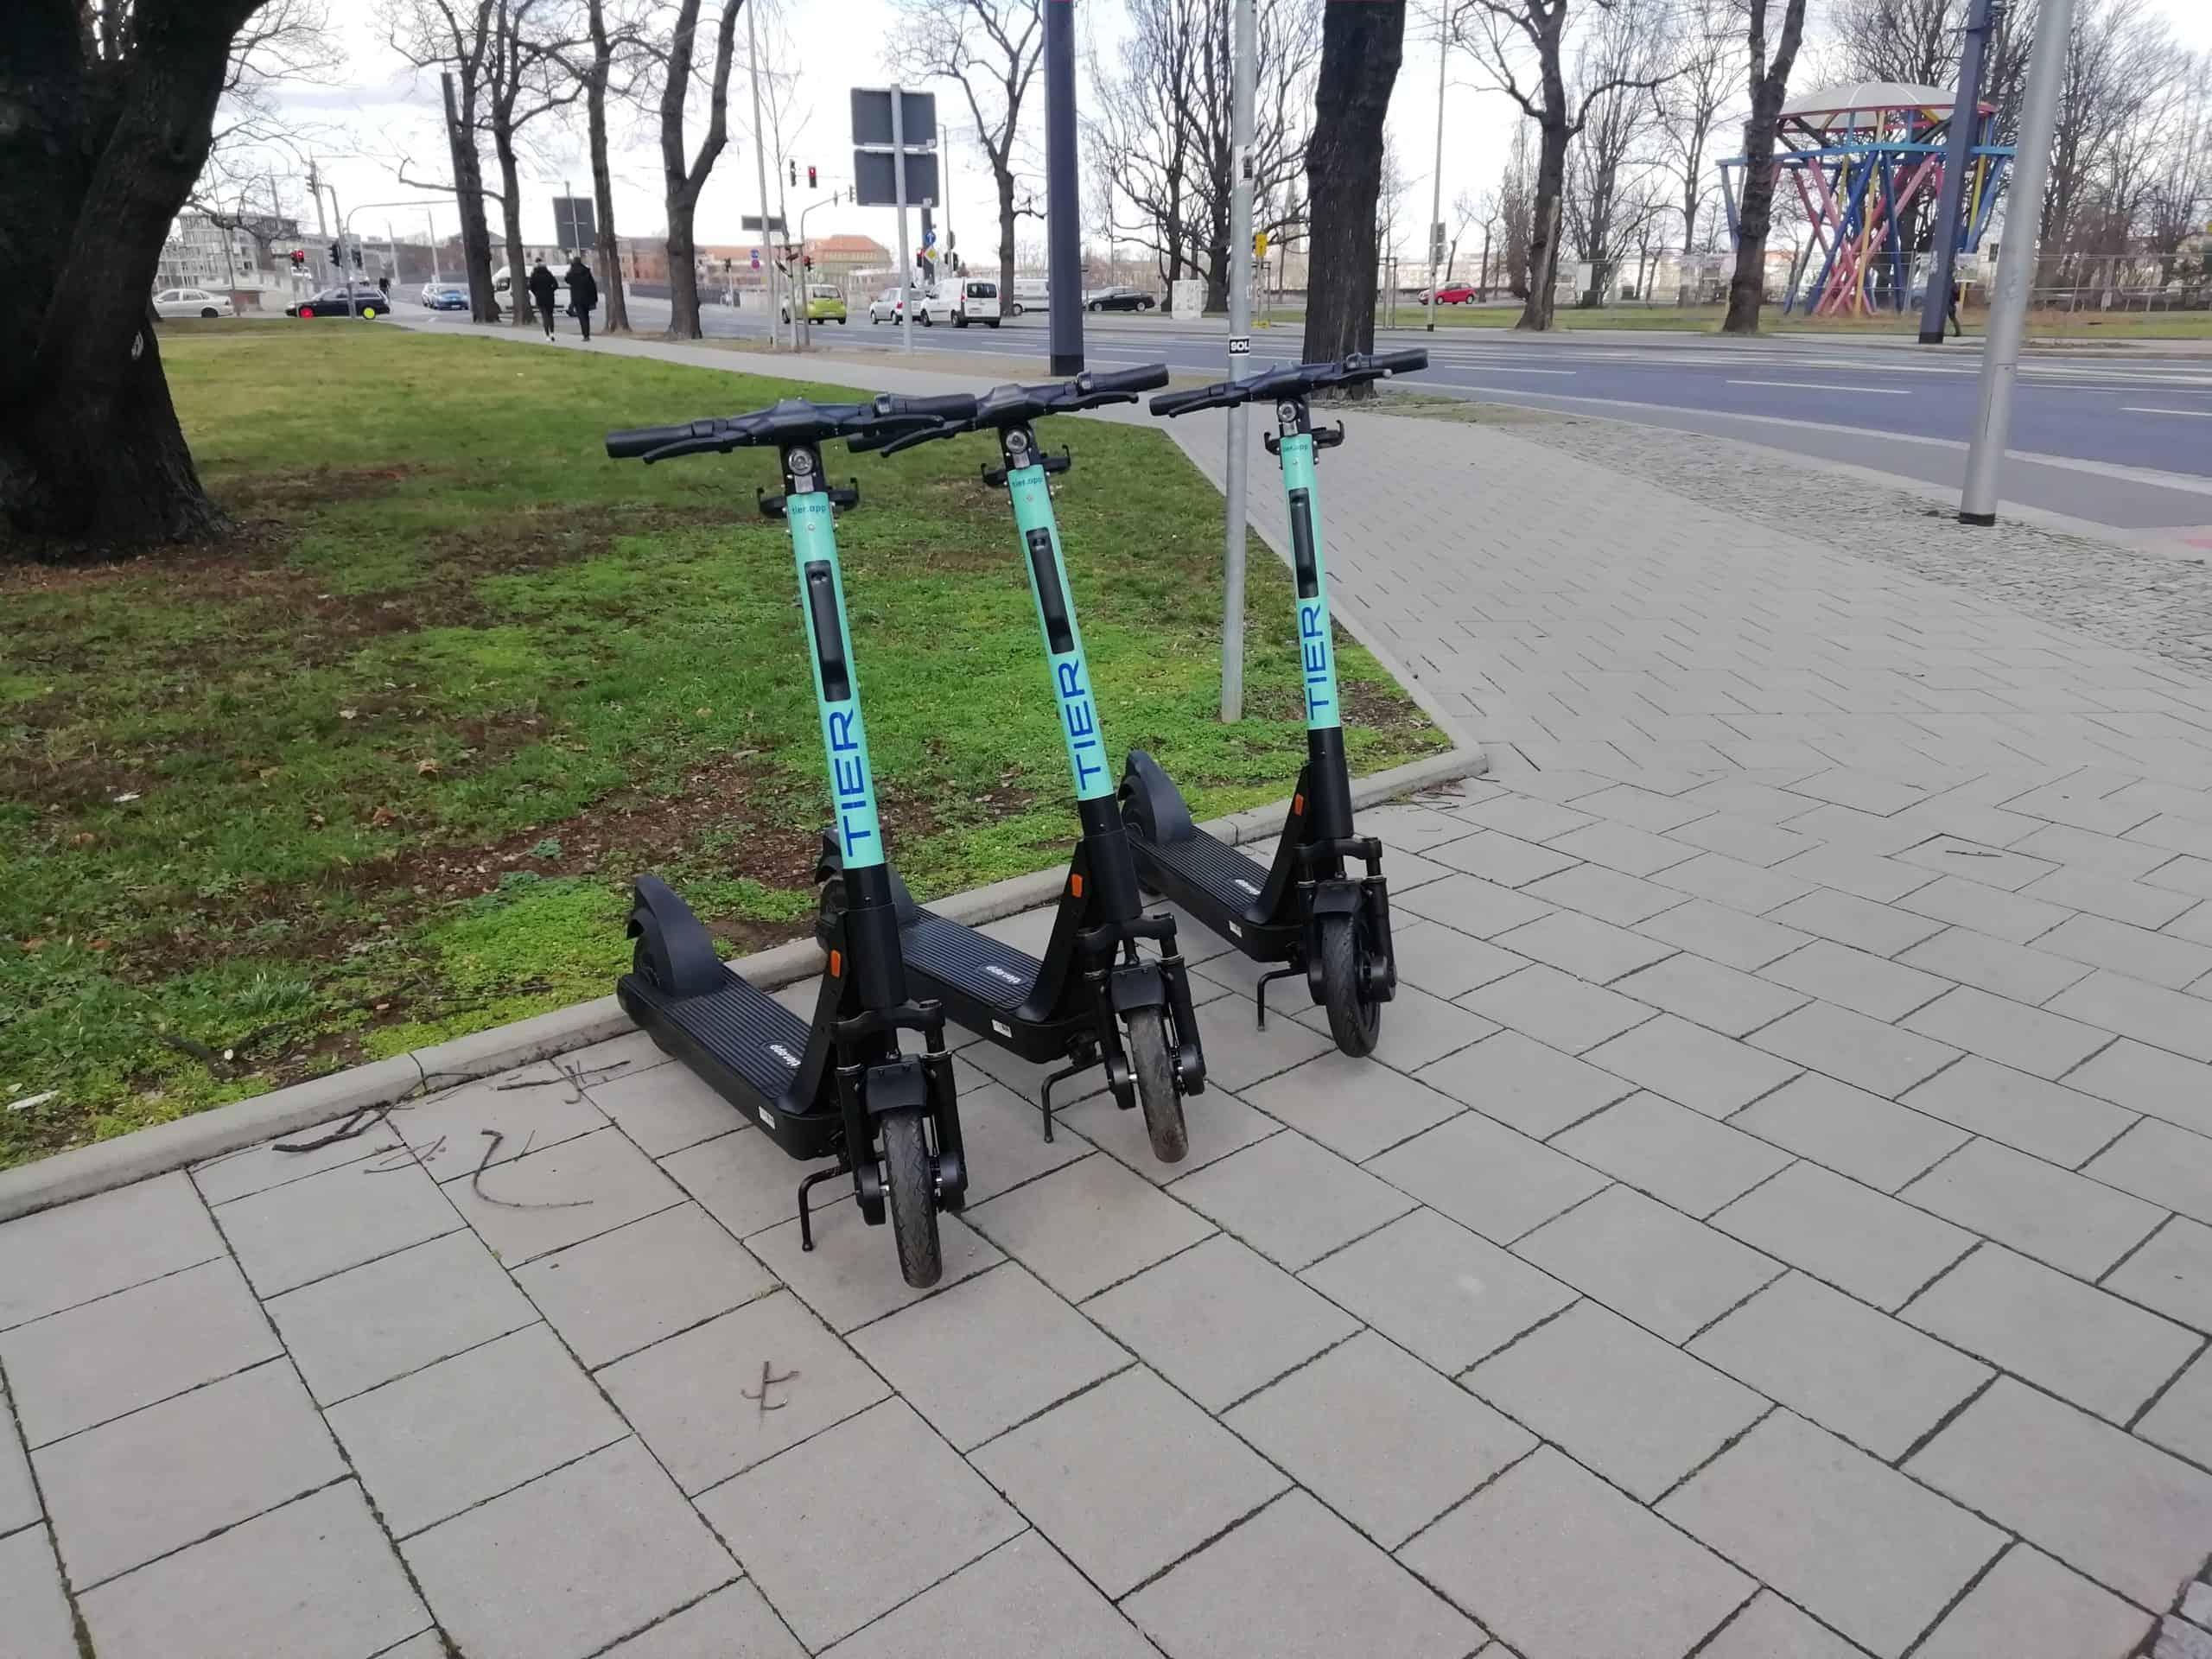 Auf dem Fußweg geparkte E-Roller der Firma TIER